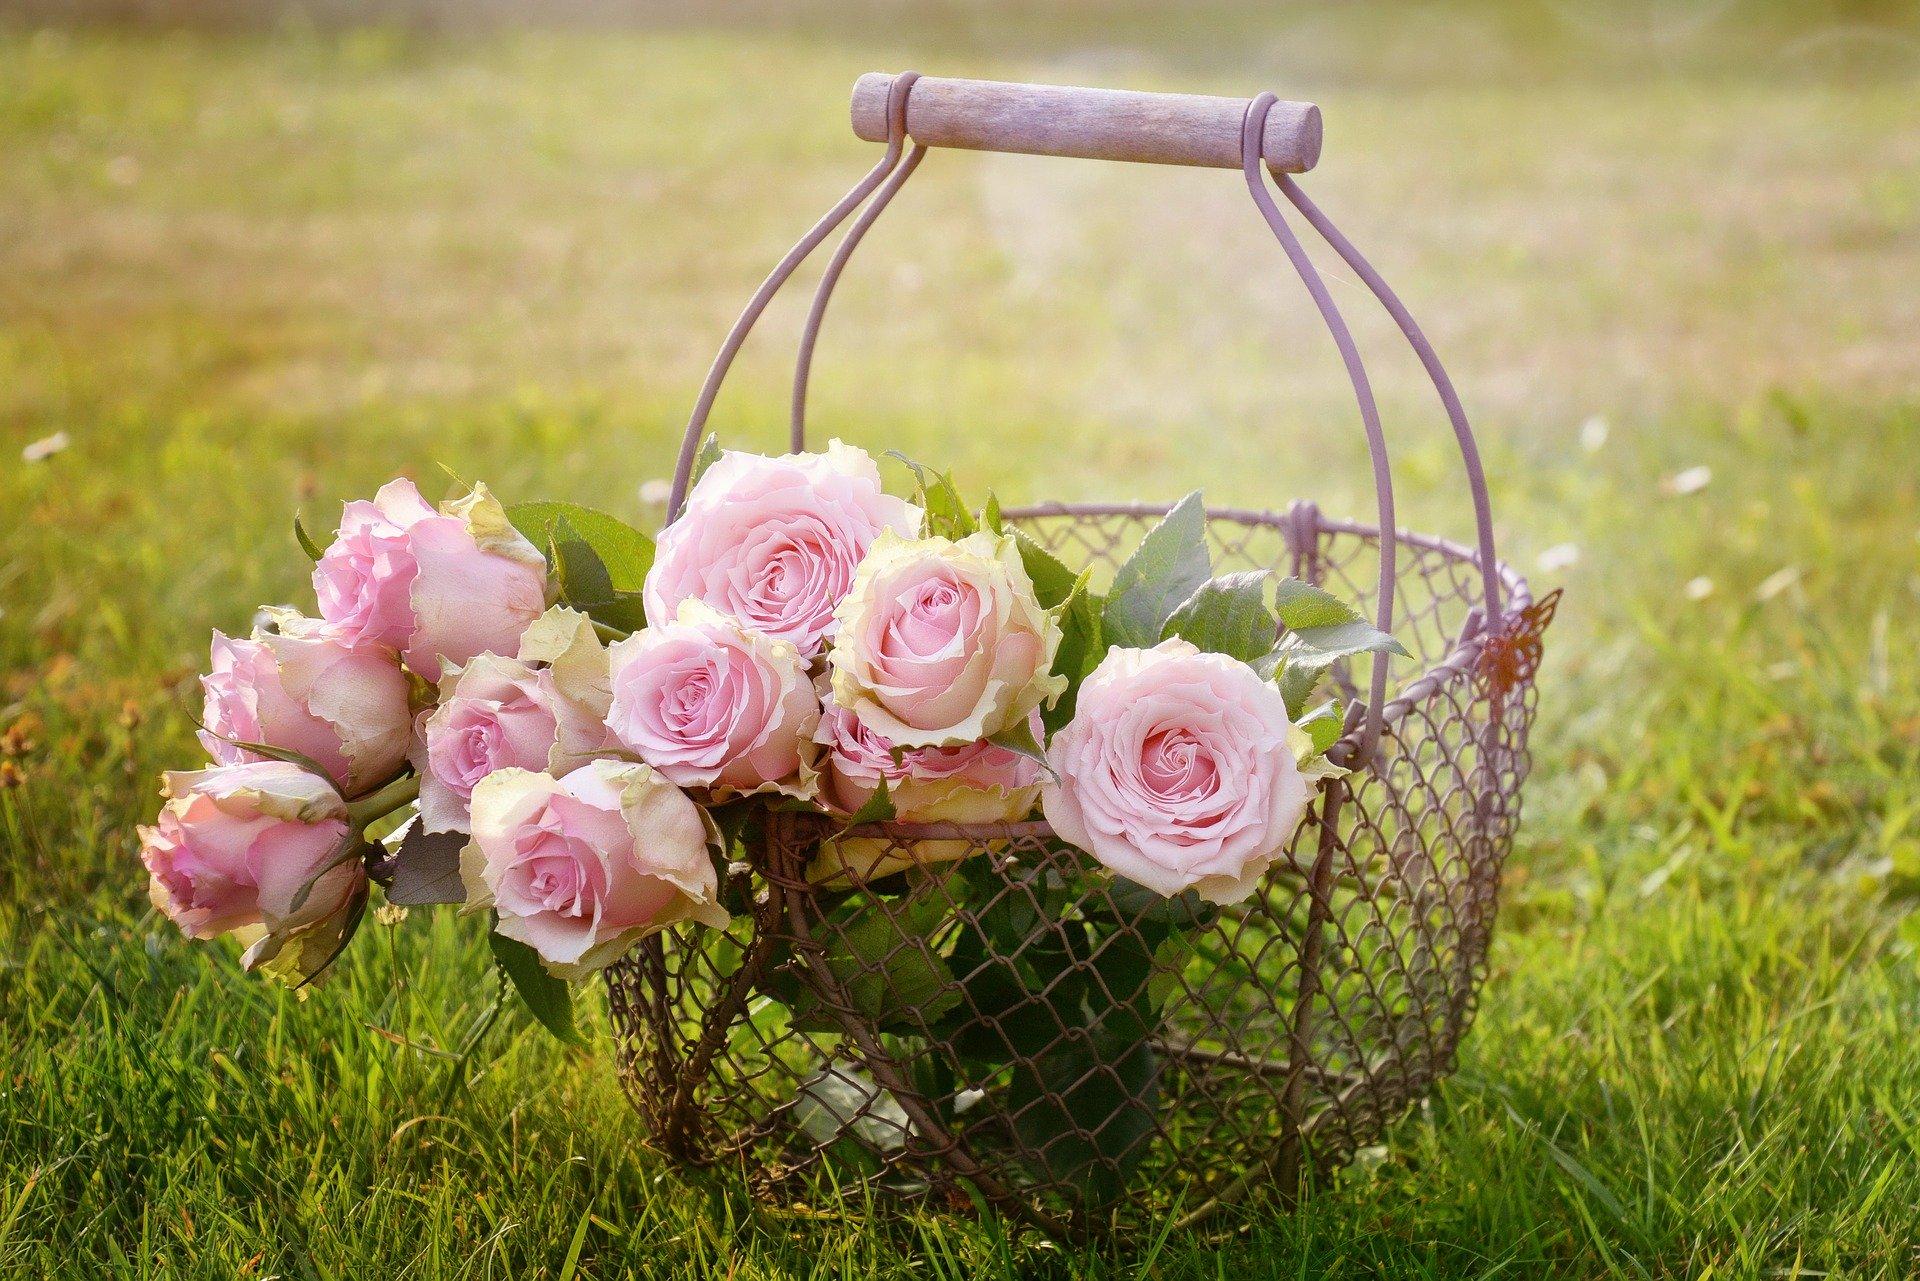 Prepara tu jardín para la llegada del verano